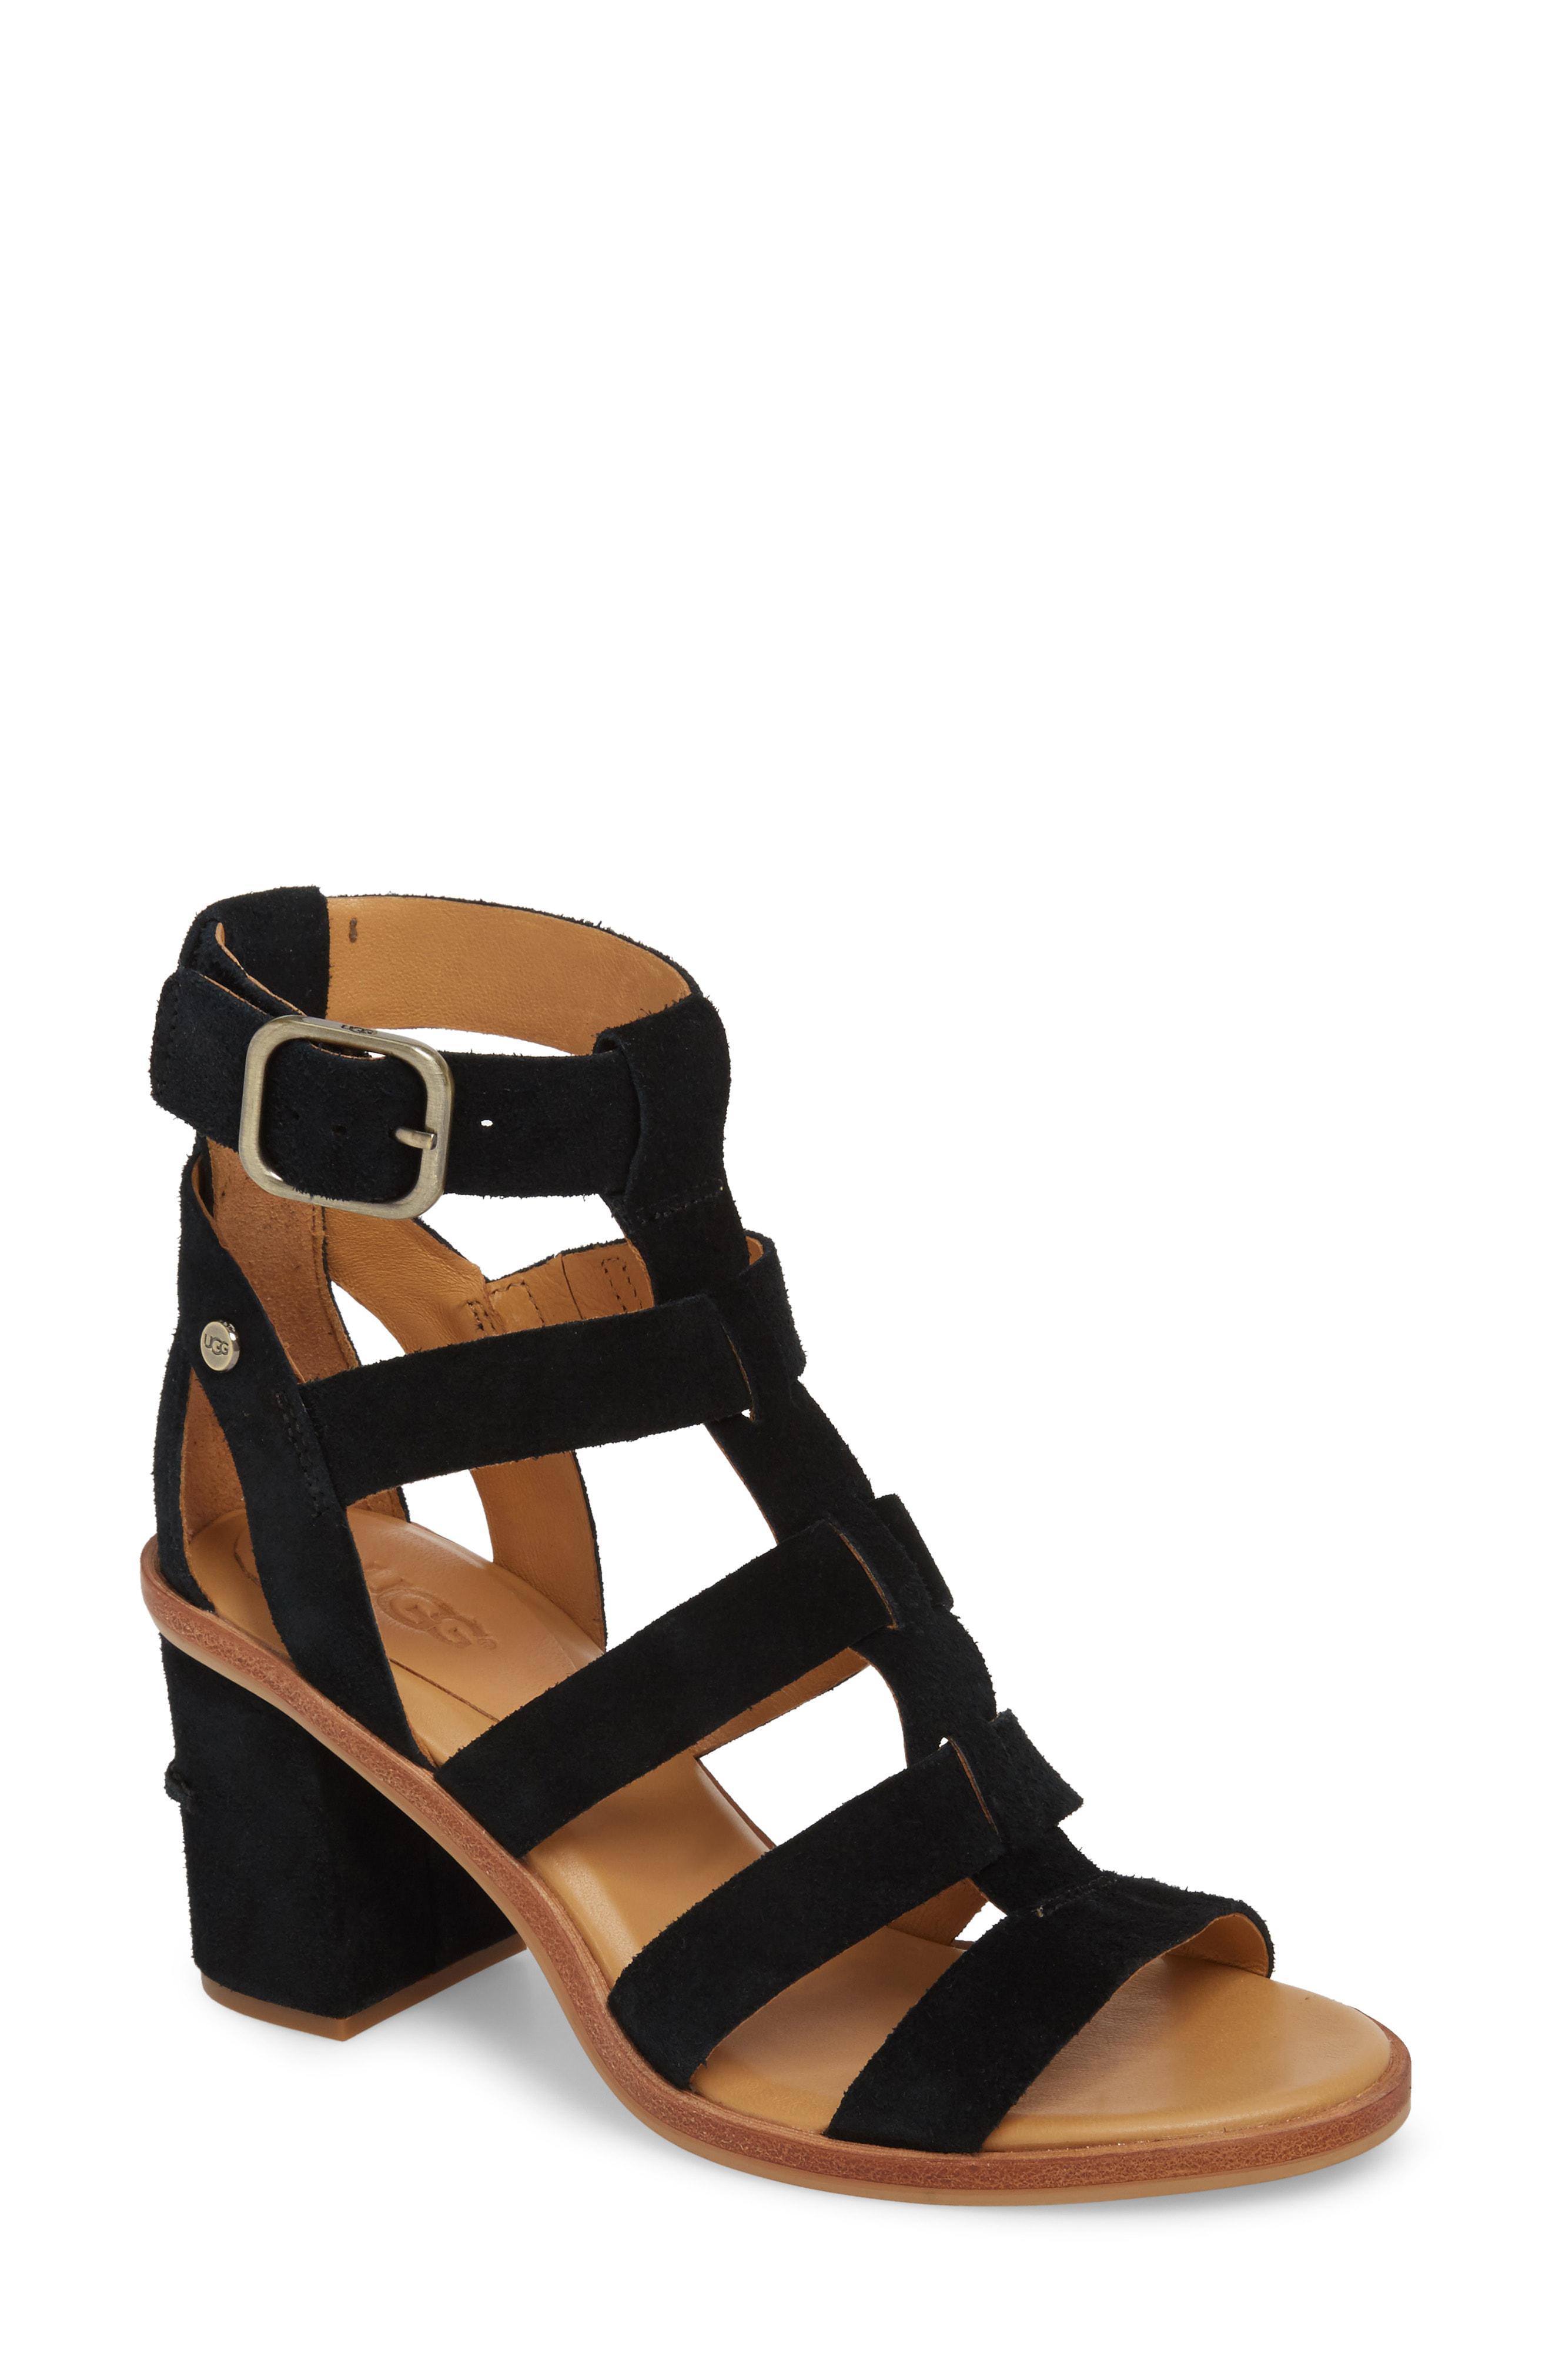 ebbe3761750 Ugg Black Ugg Macayla Block Heel Sandal